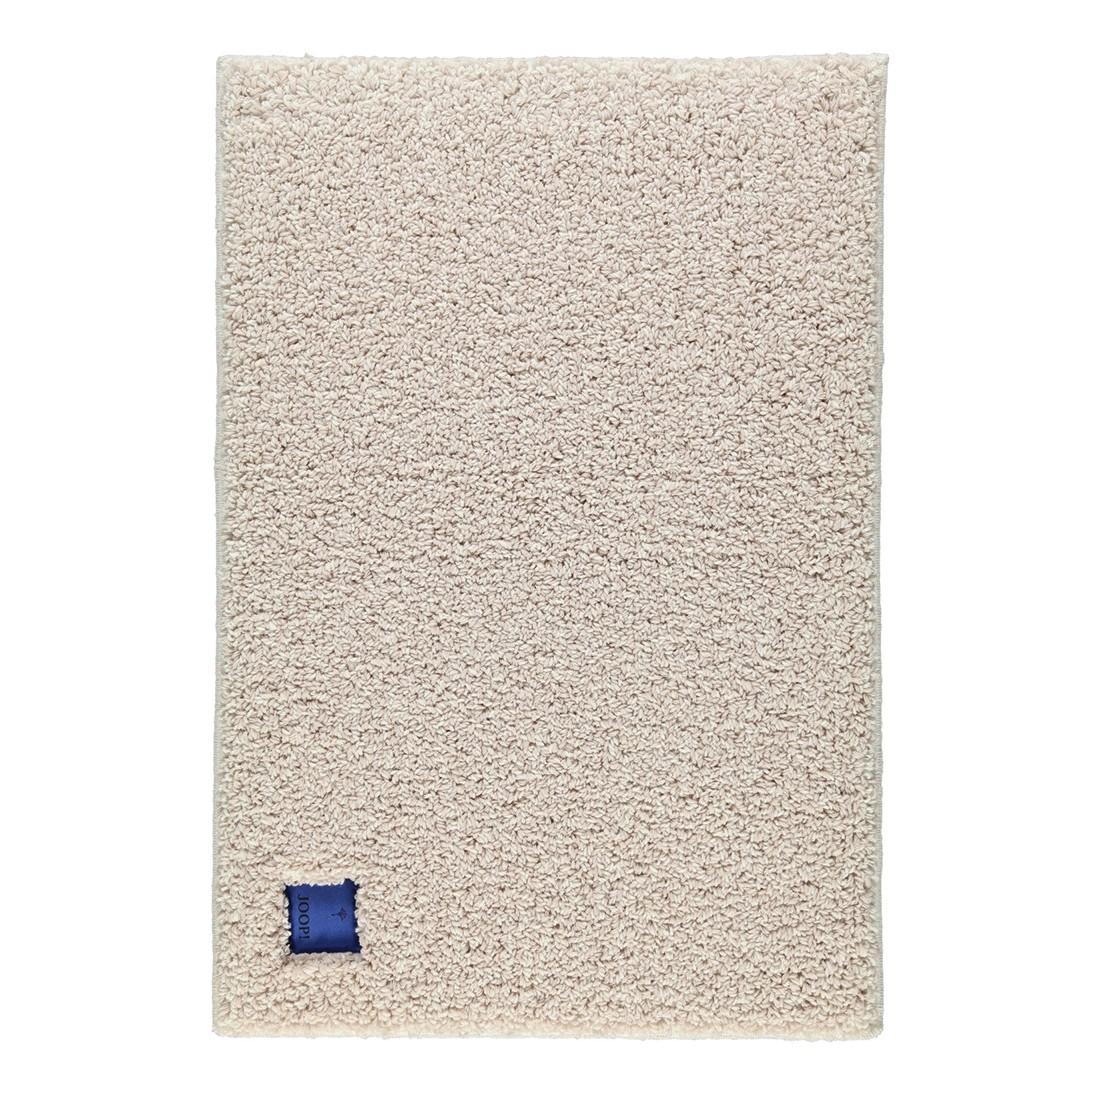 Badteppich Loop – 100% Polyacryl Natur – 020 – 50 x 60 cm, Joop günstig kaufen